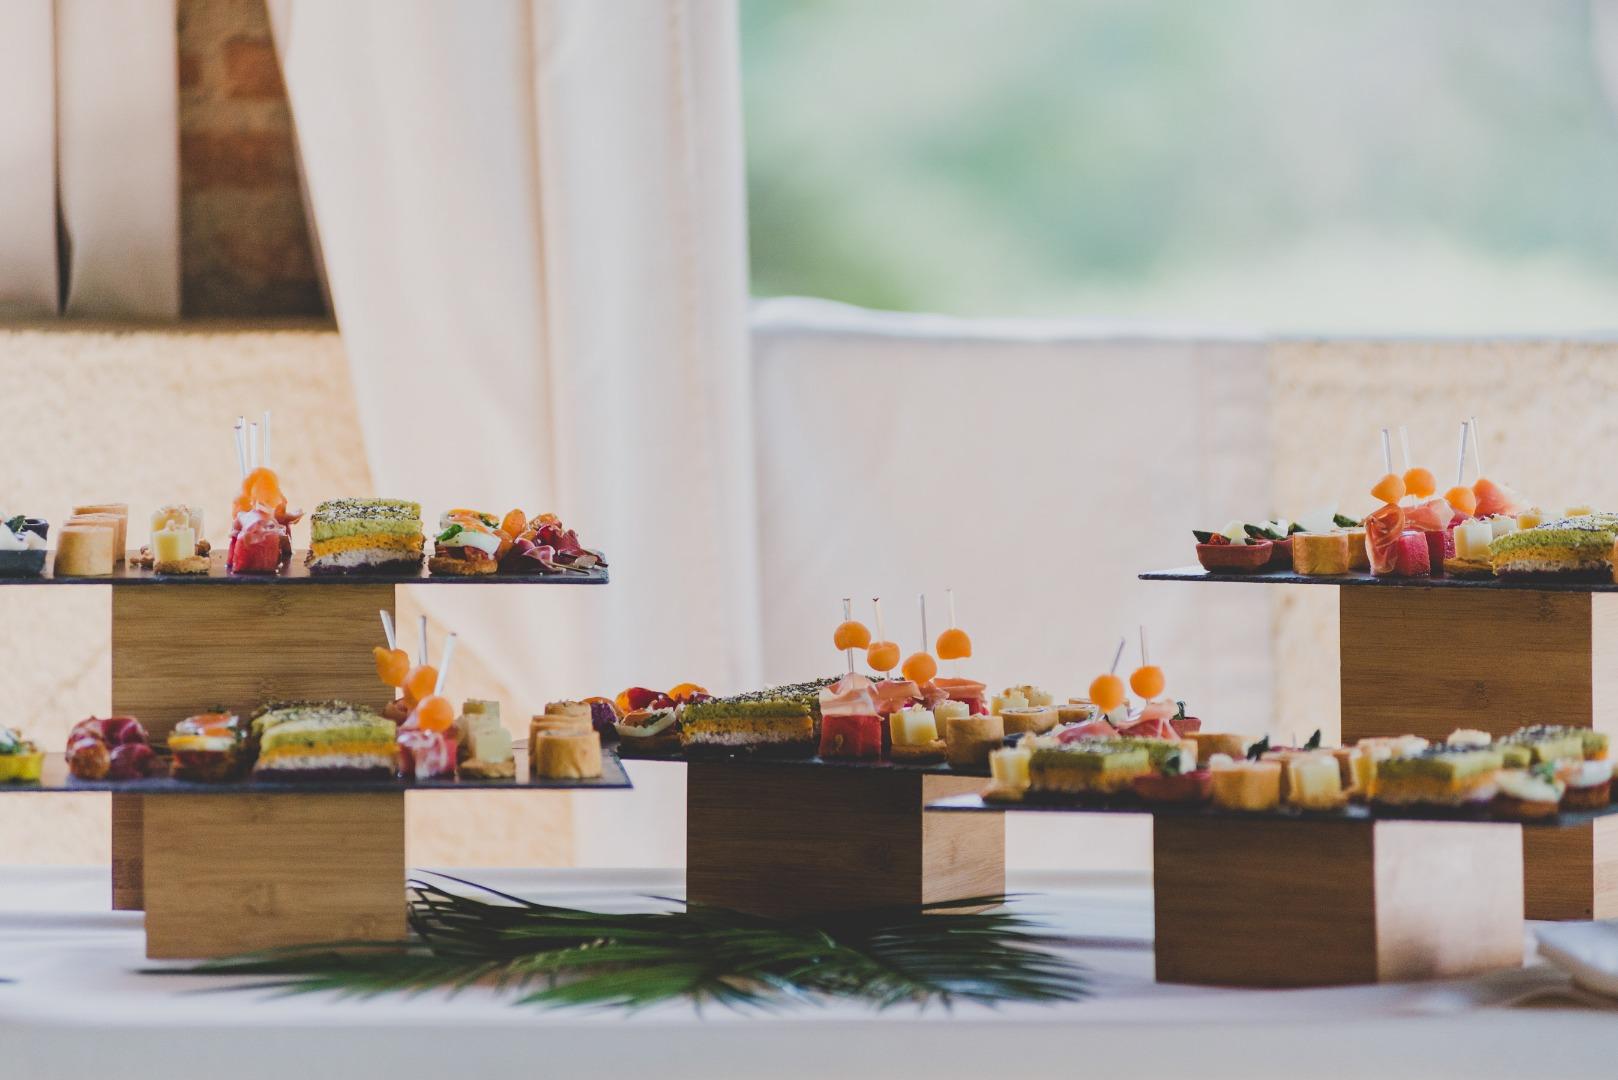 Pièces cocktail du Vin d'honneur Wi's Traiteur - Wedding planner La Dolce Vità, Château de Loubejac à Montauban.jpg